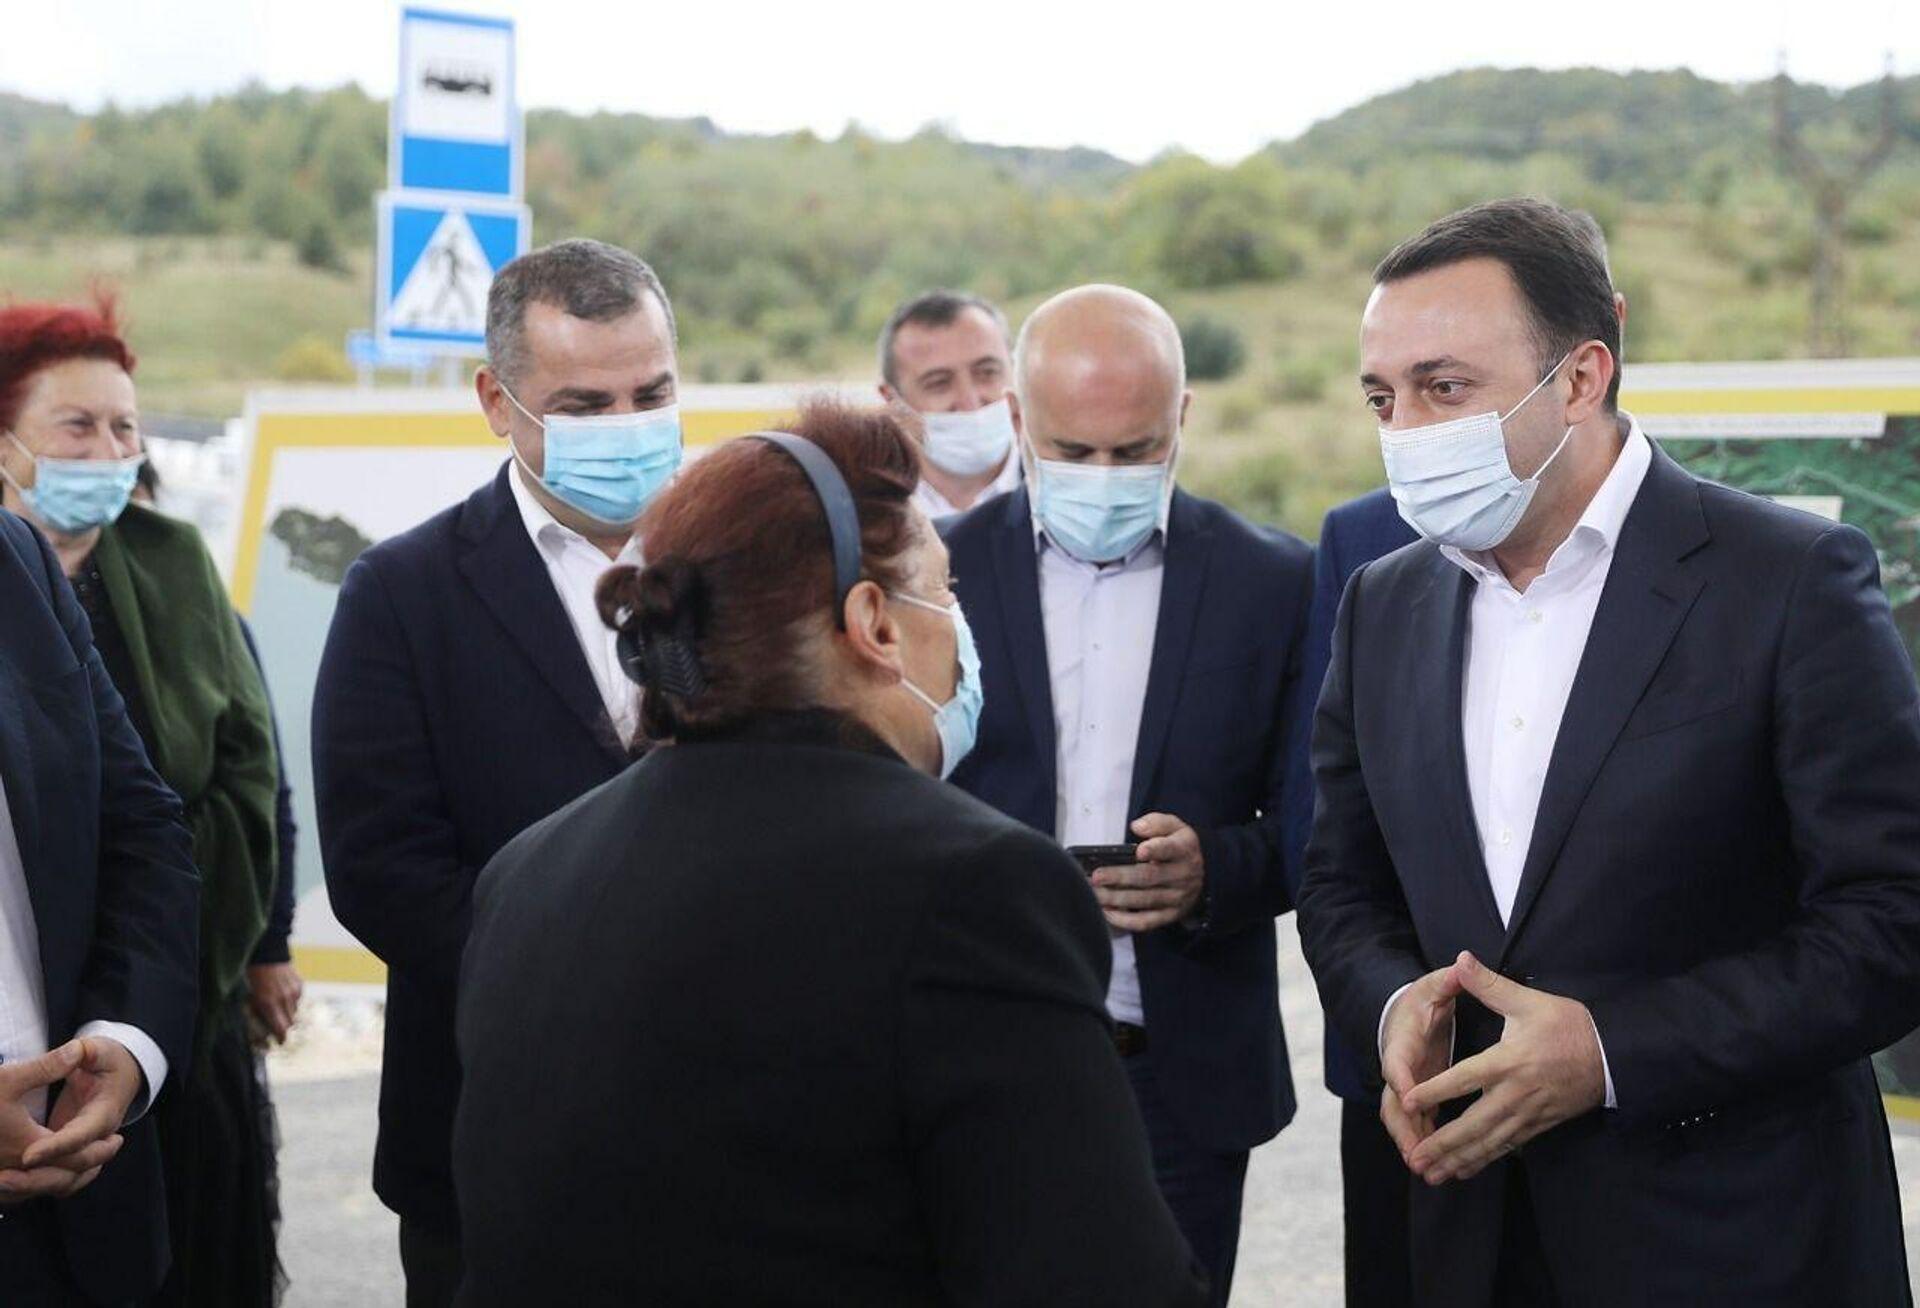 Ираклий Гарибашвили. Церемония открытия новой дороги в высокогорную Рача  - Sputnik Грузия, 1920, 28.09.2021